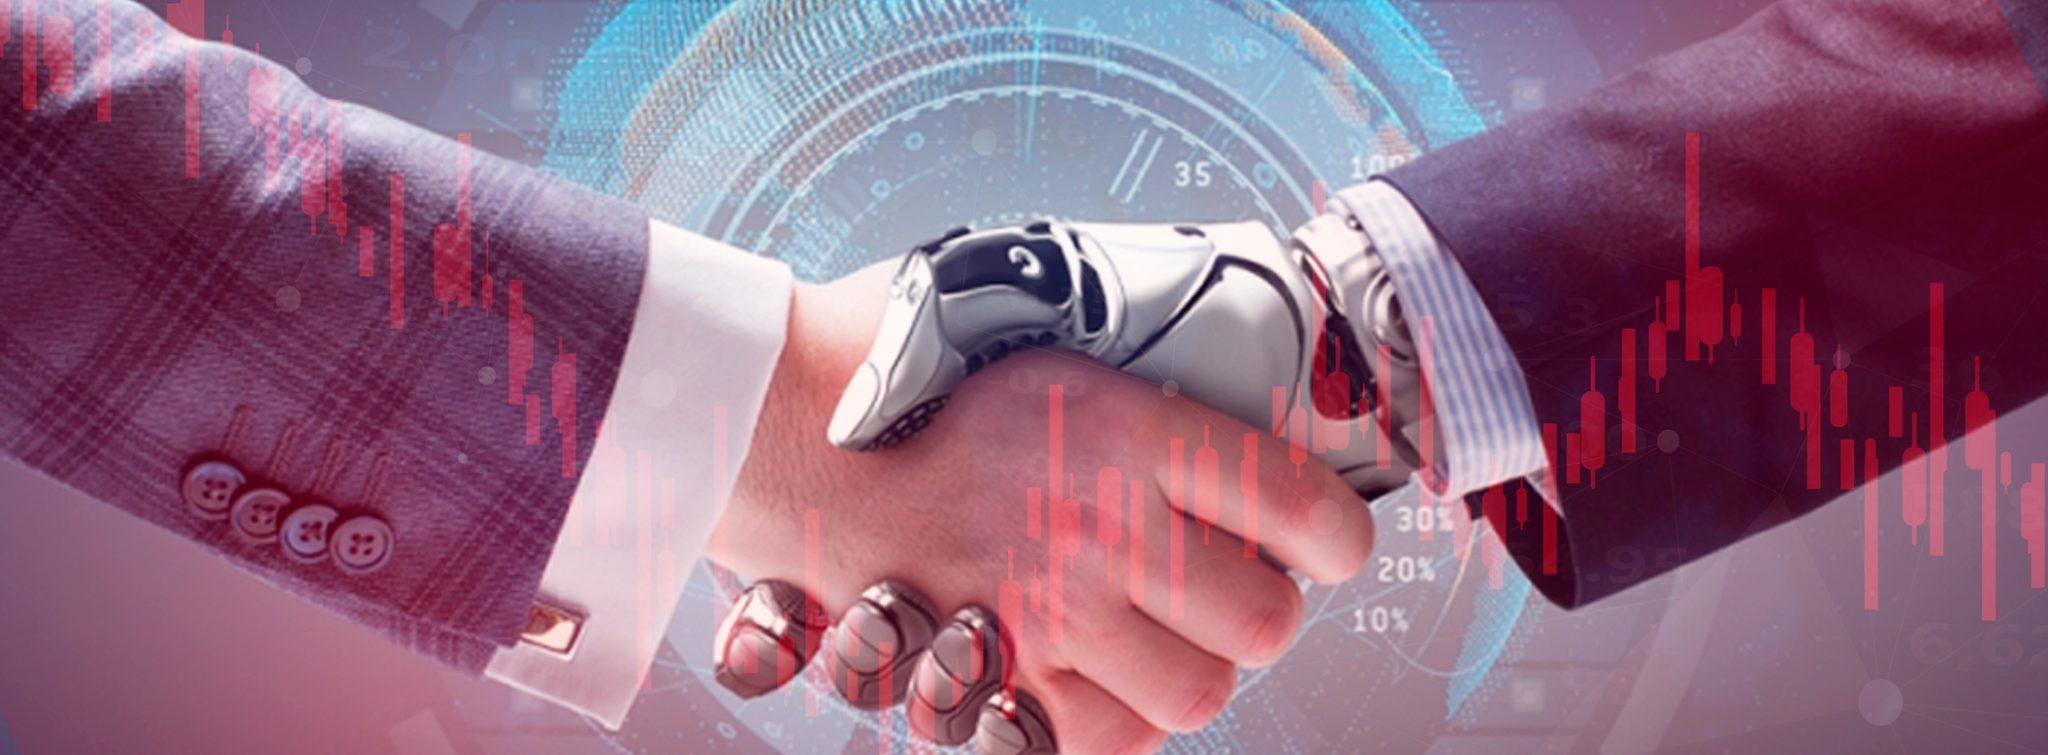 Solução de inteligência artificial traz melhores resultados ao S&OP da Marfrig